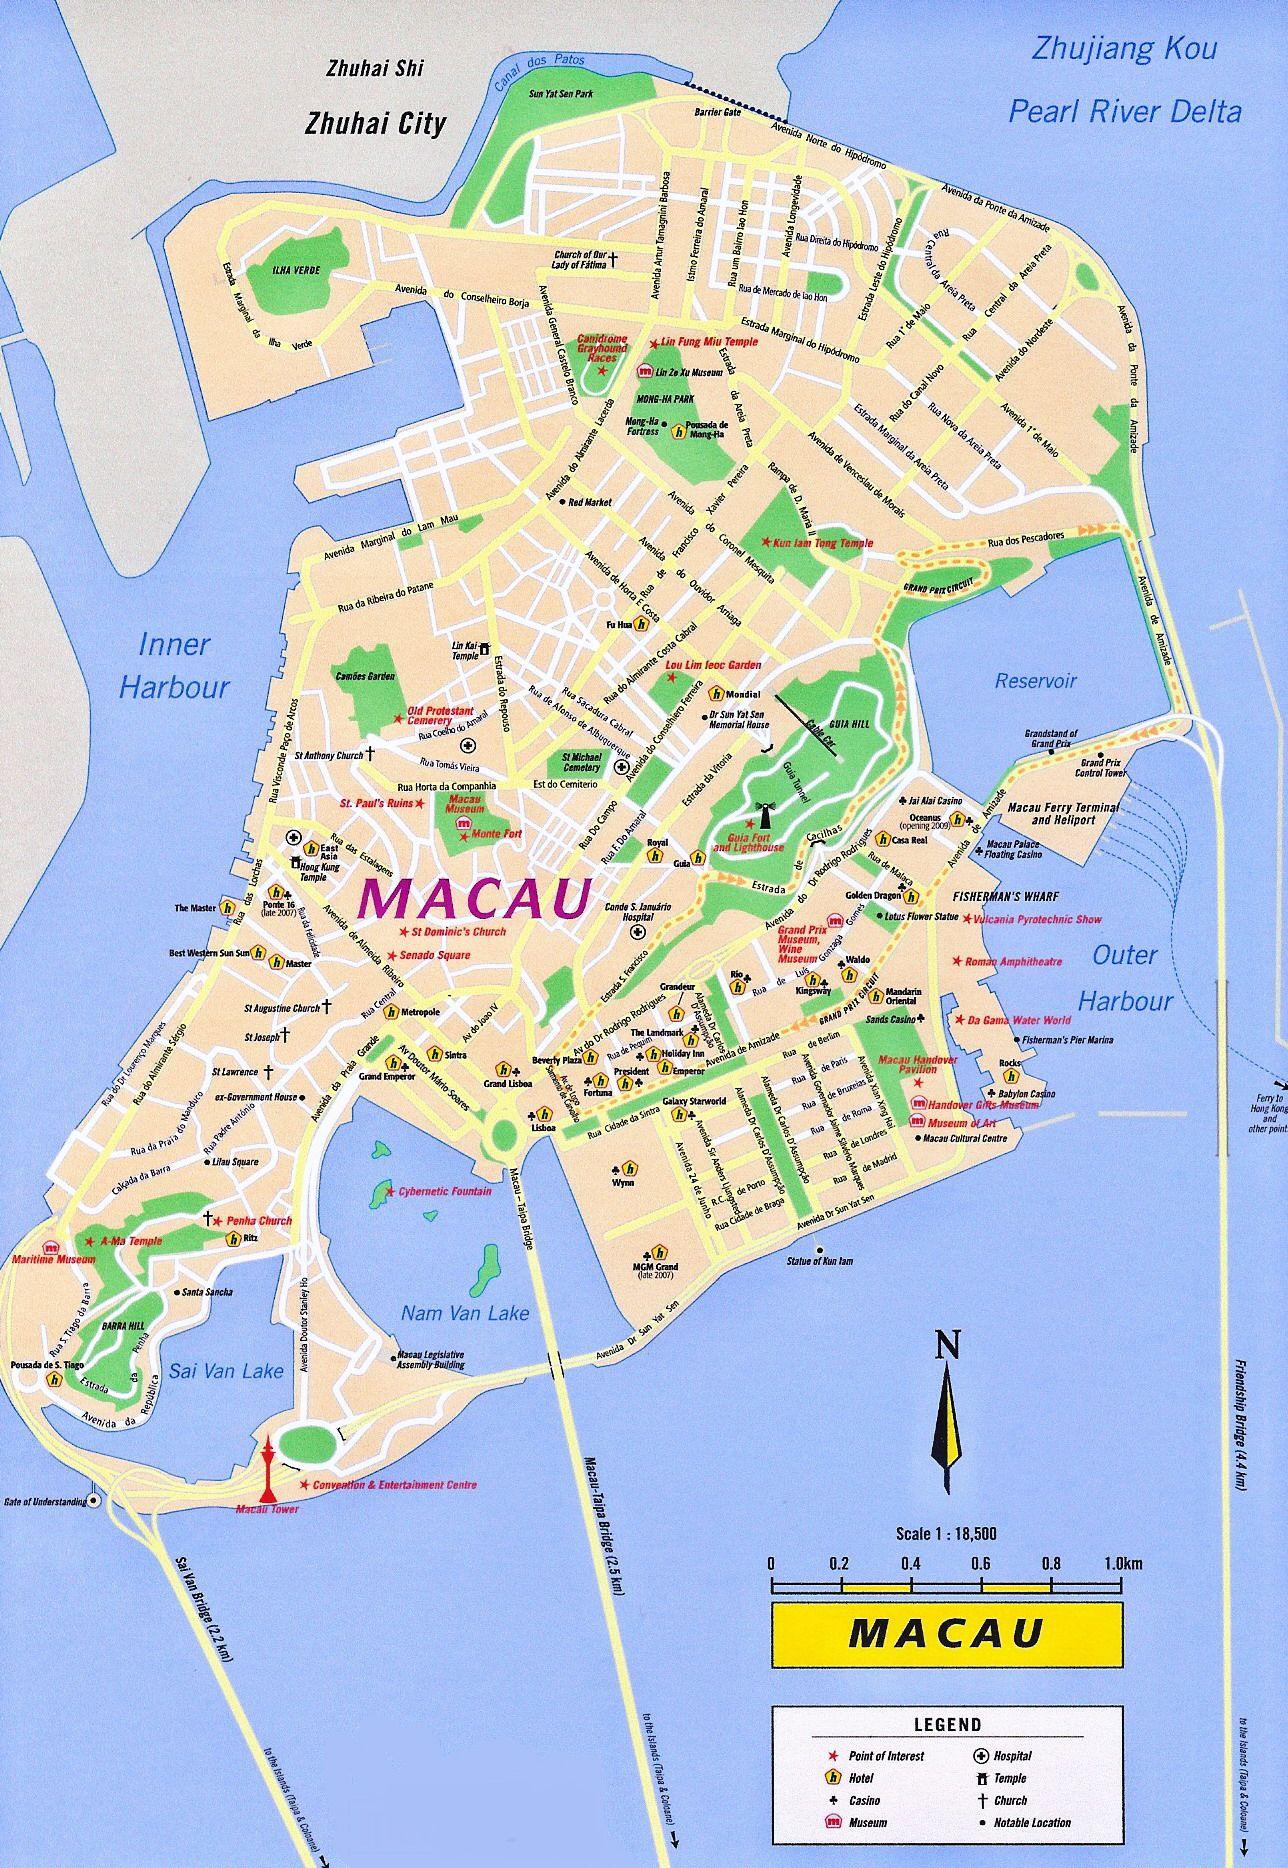 Macau tourist map macau china mappery macau map pinterest macau tourist map macau china mappery gumiabroncs Choice Image